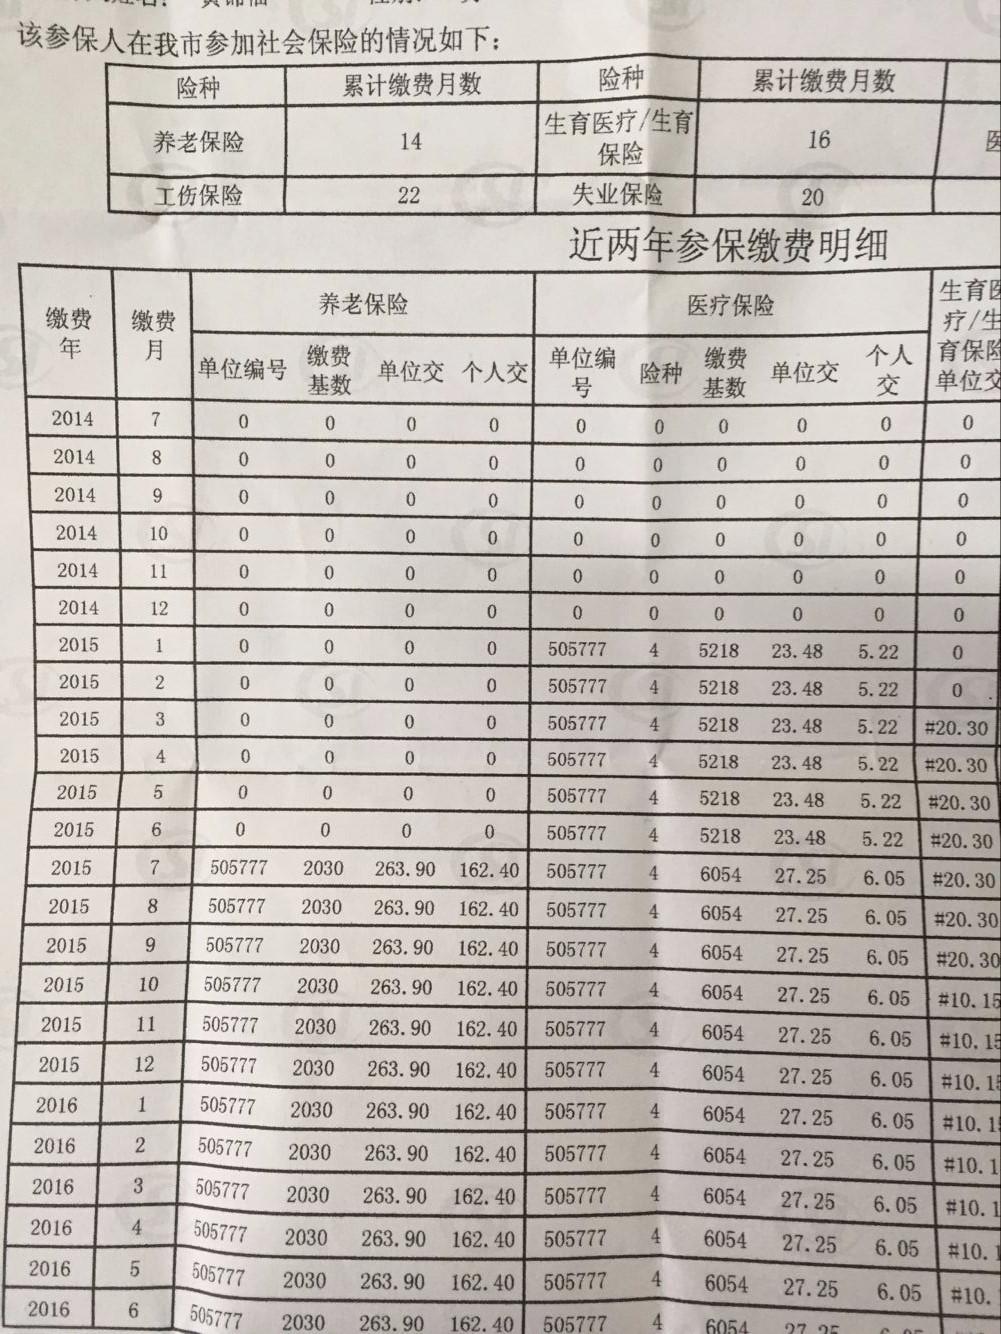 2020深圳社保缴费基数最低是多少 深圳办事易 深圳本地宝